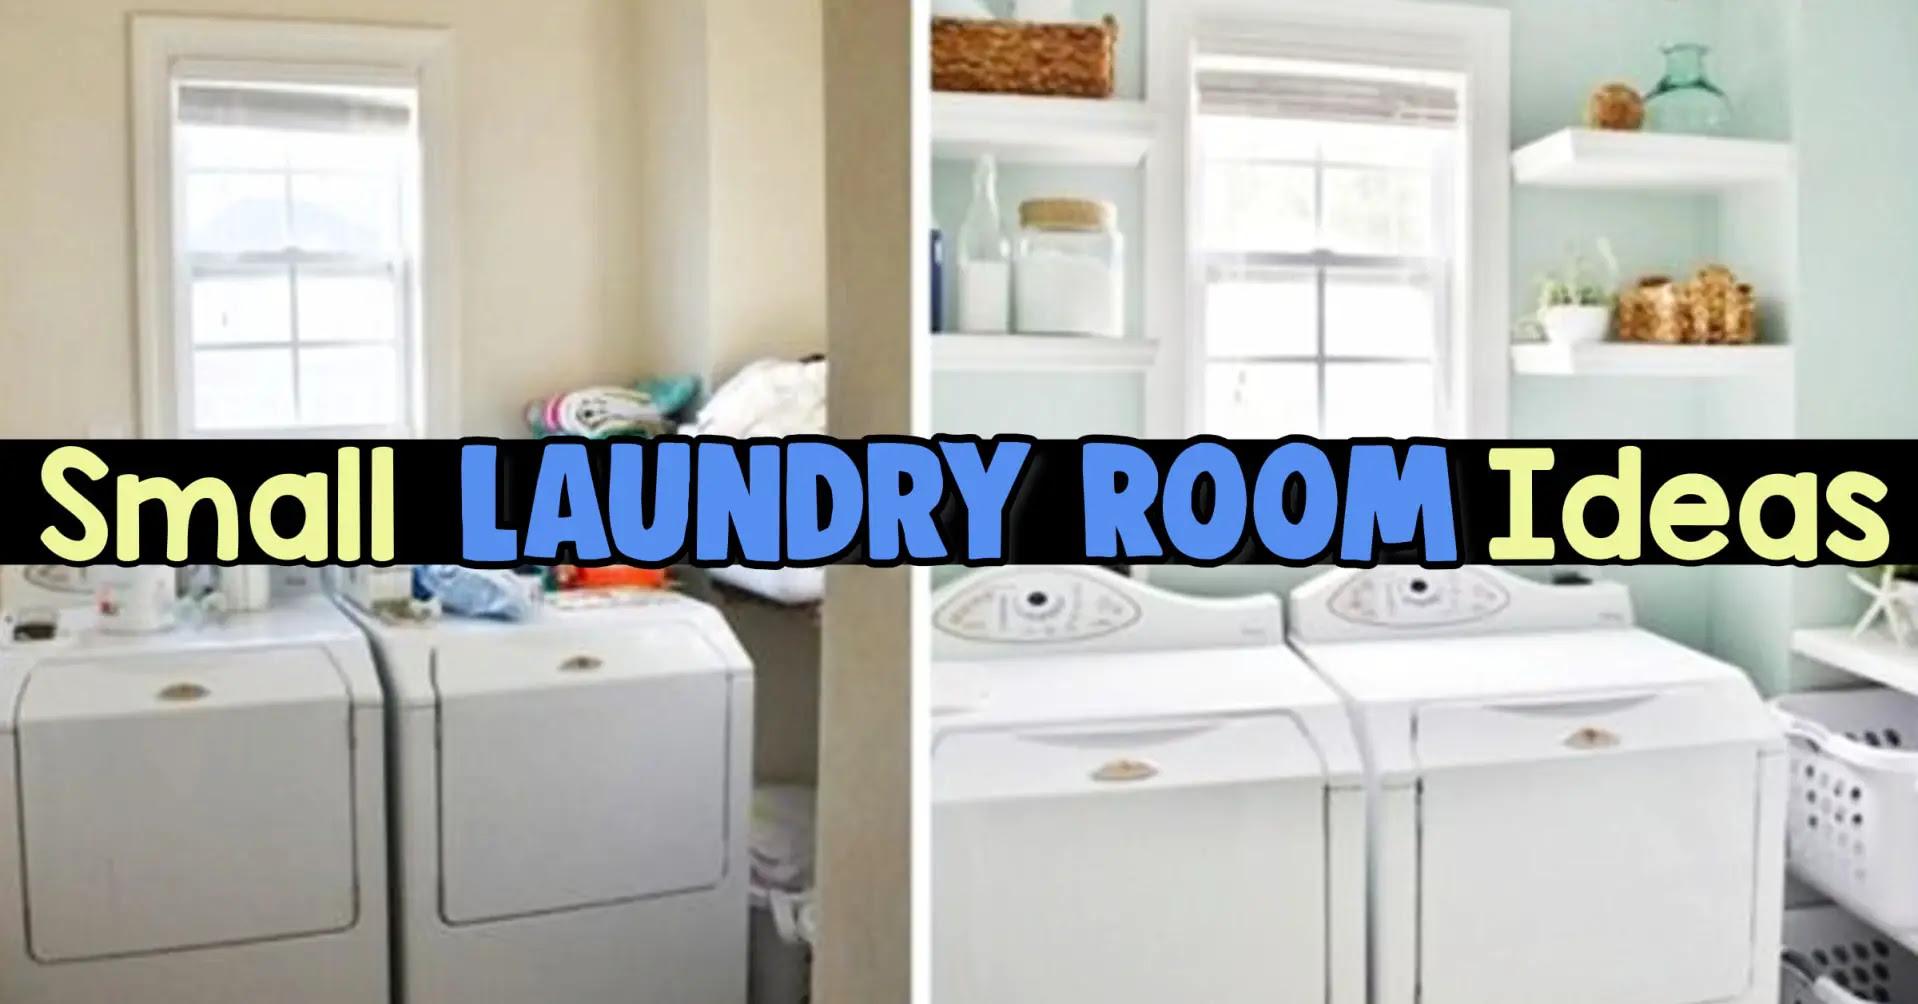 Small Laundry Room Ideas - Space Saving Ideas for Tiny Laundry